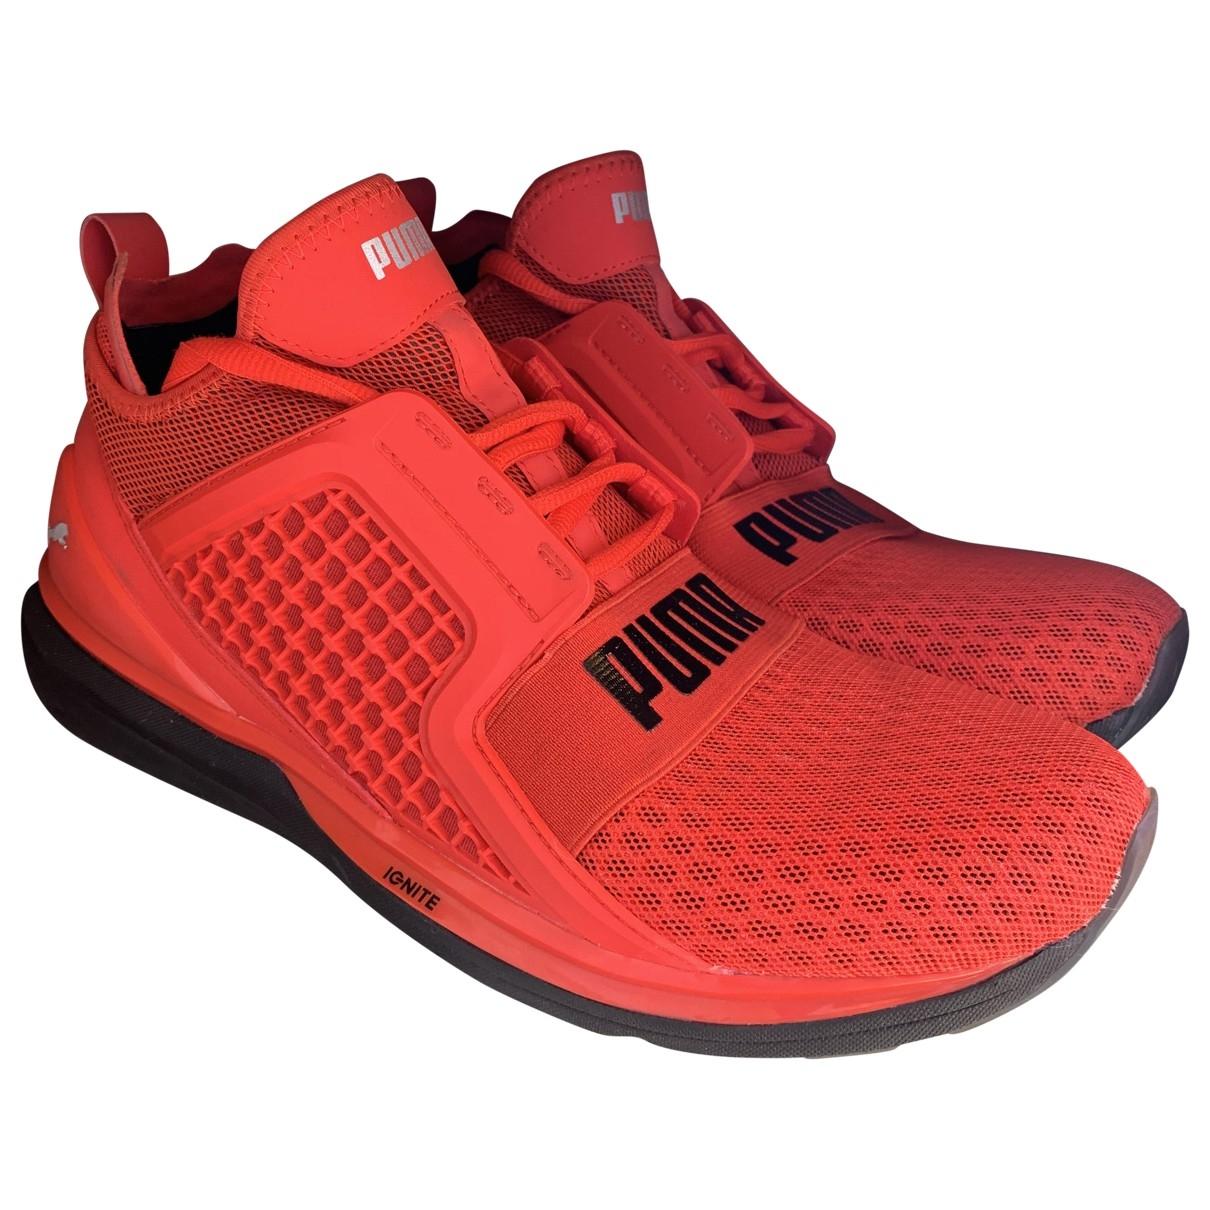 Puma - Baskets   pour homme en toile - rouge